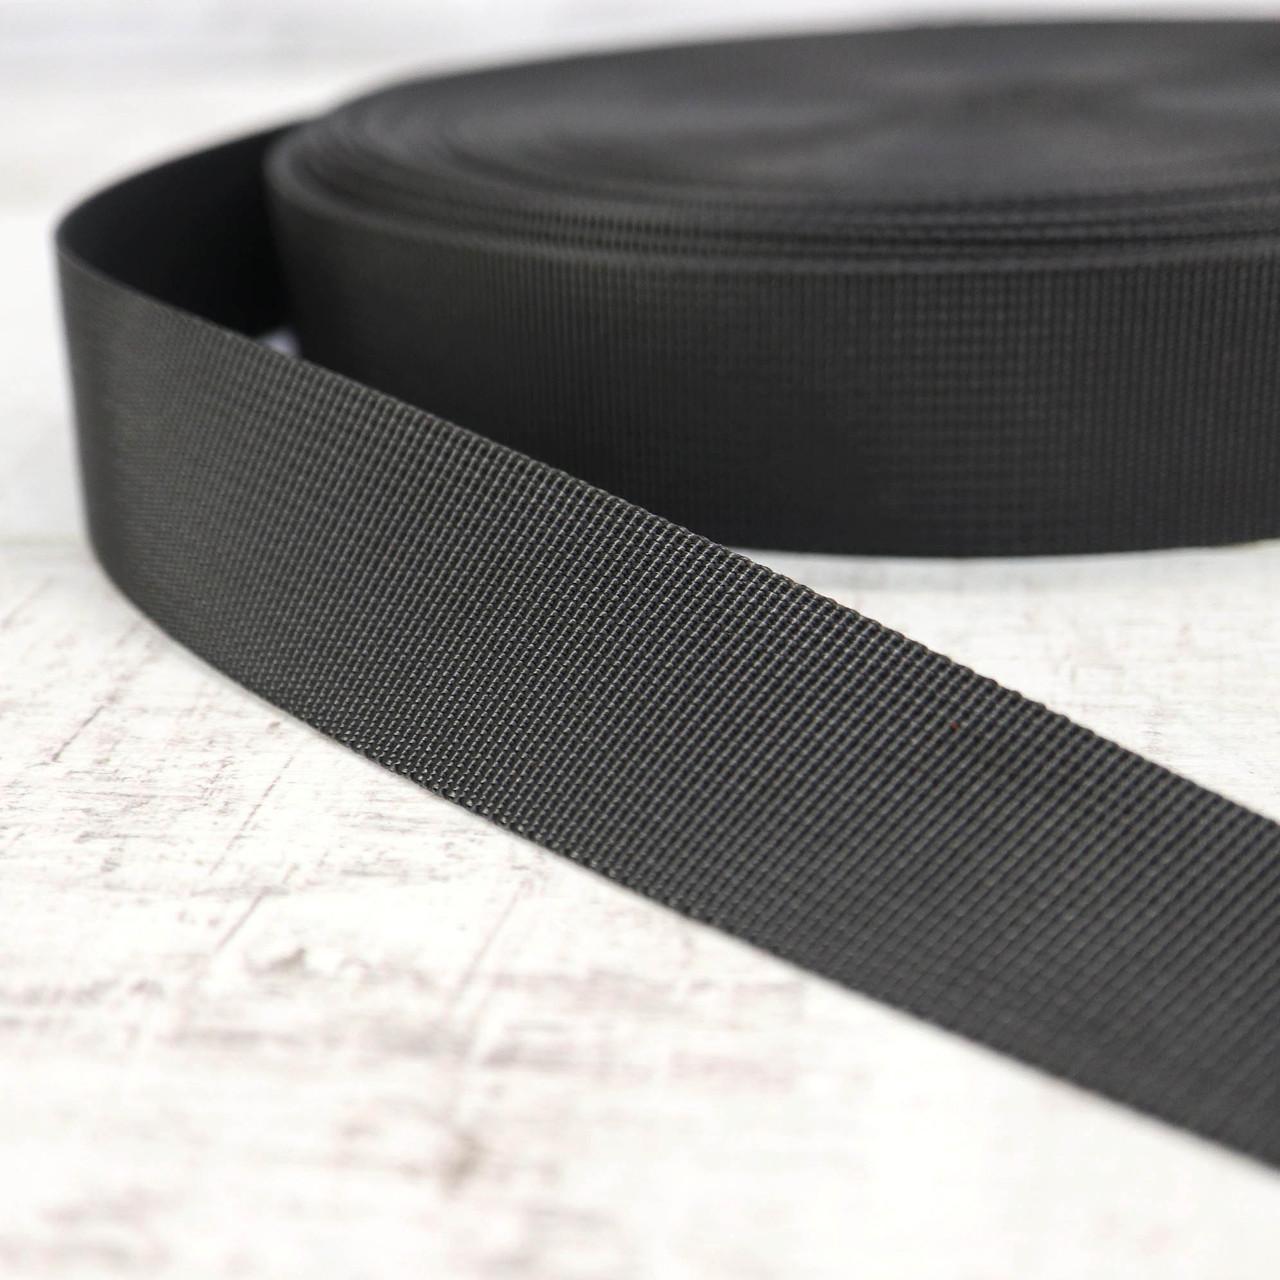 Ременная лента 30 мм репс черная для сумок a5332 (15 м.)